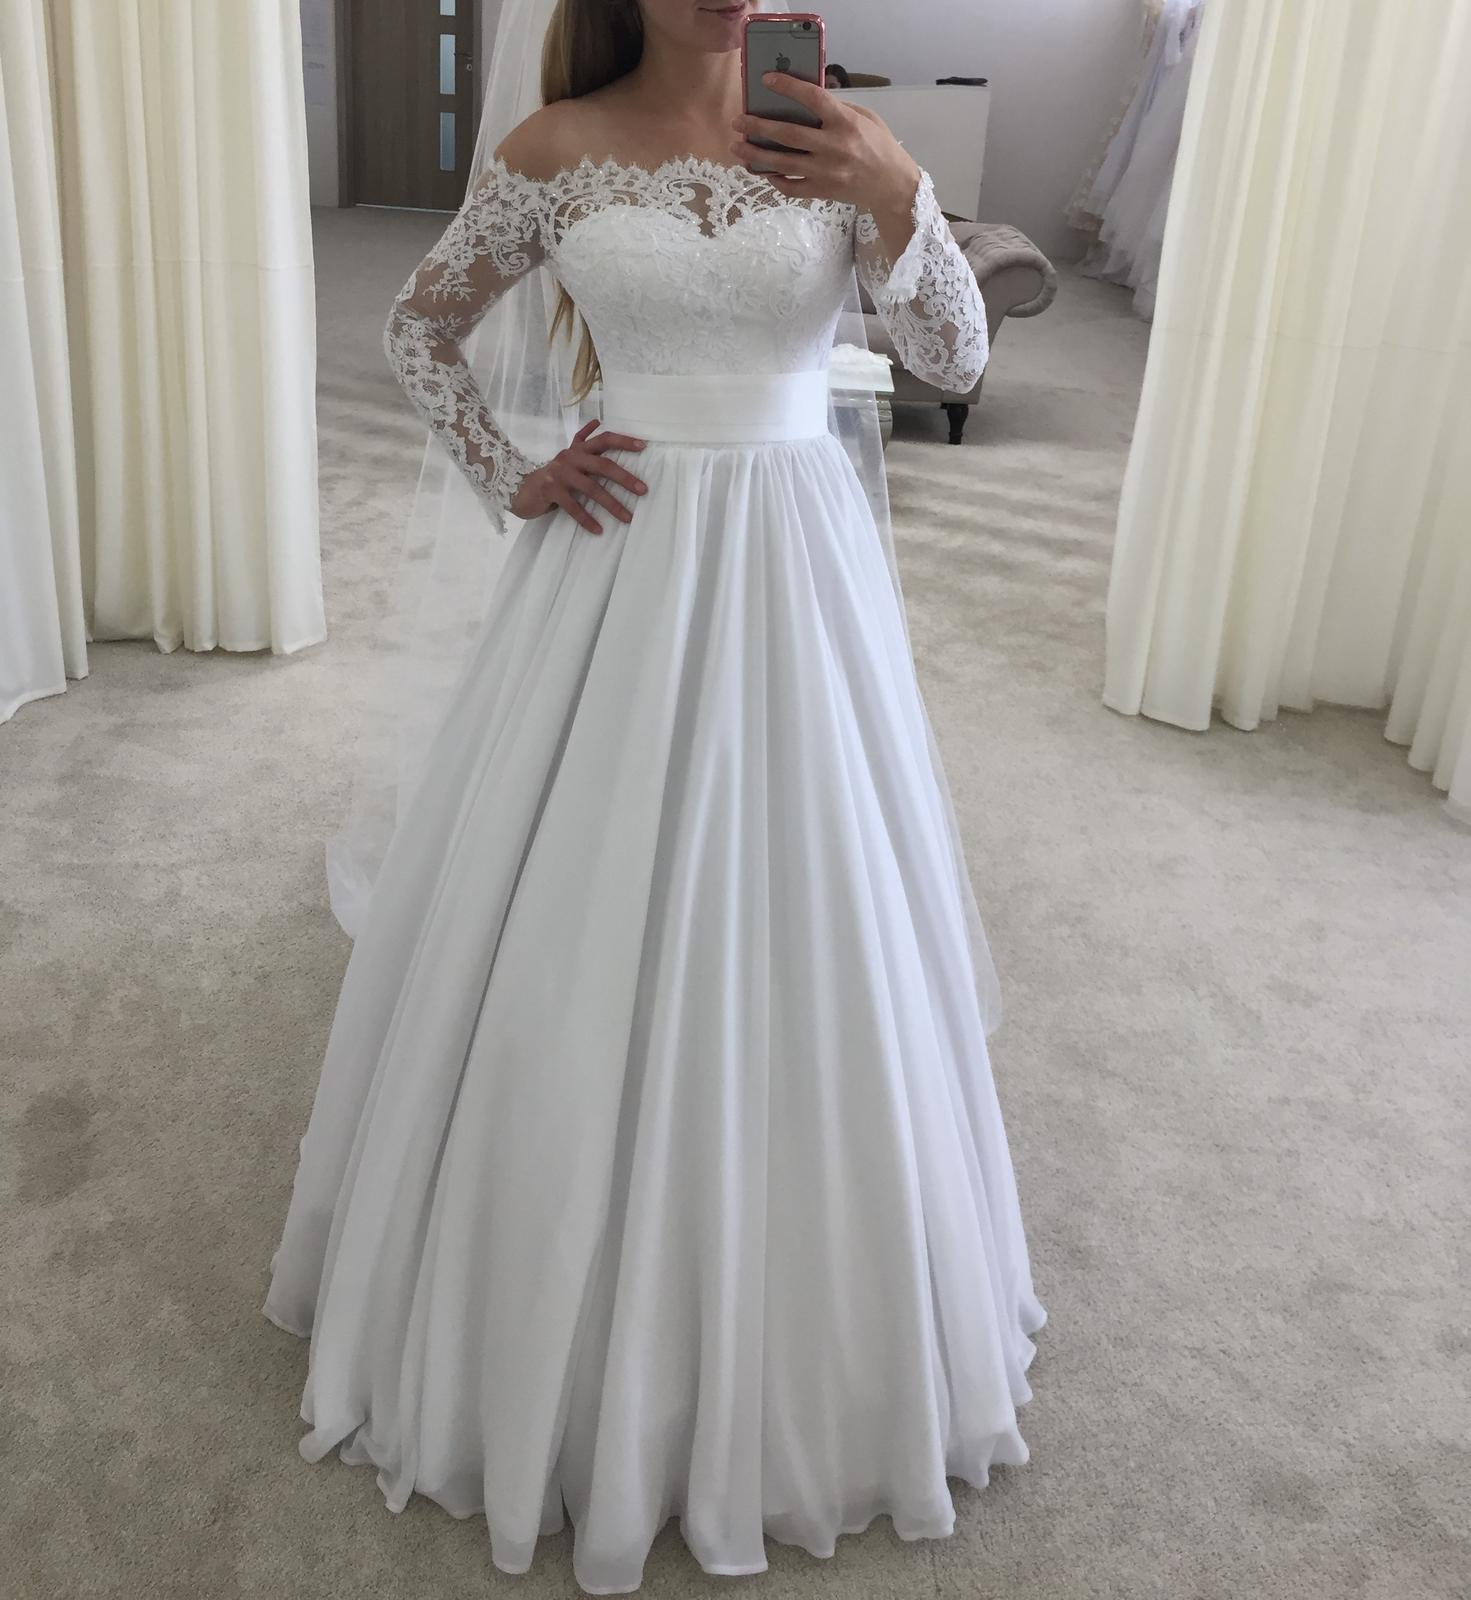 Svadobné šaty Irian Sam 34/36 - Obrázok č. 2